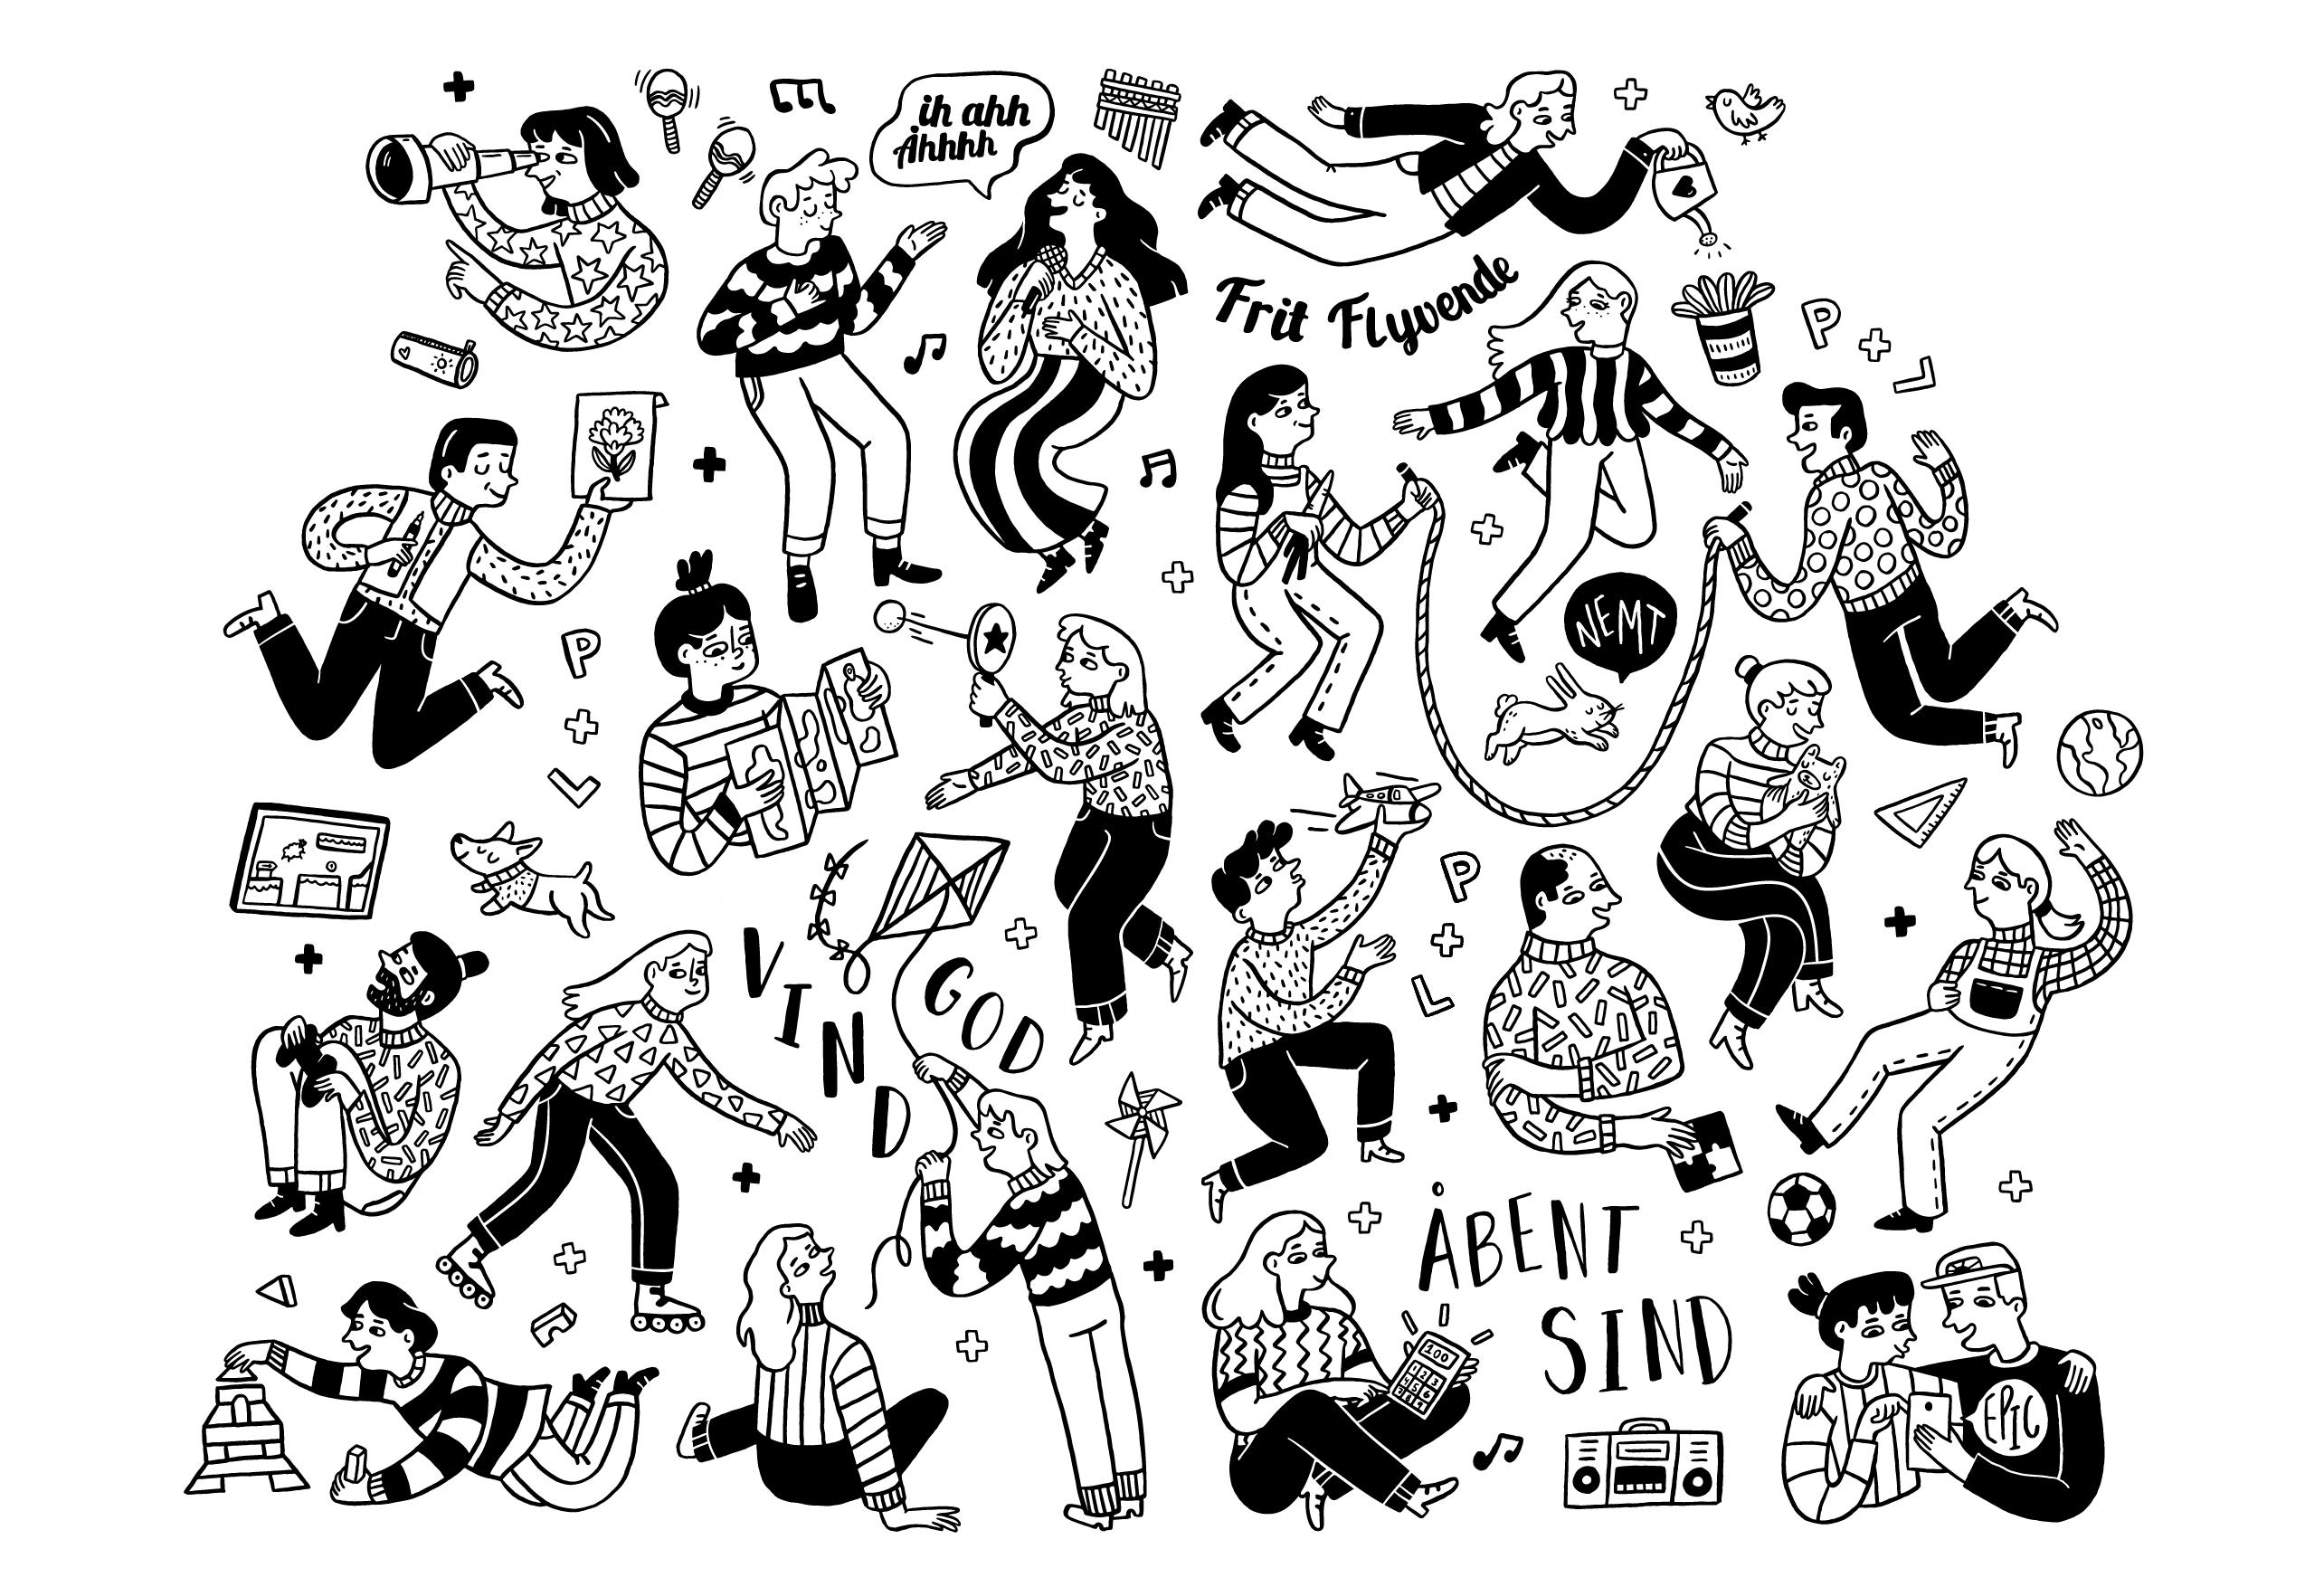 Viser væg illustration til UCN